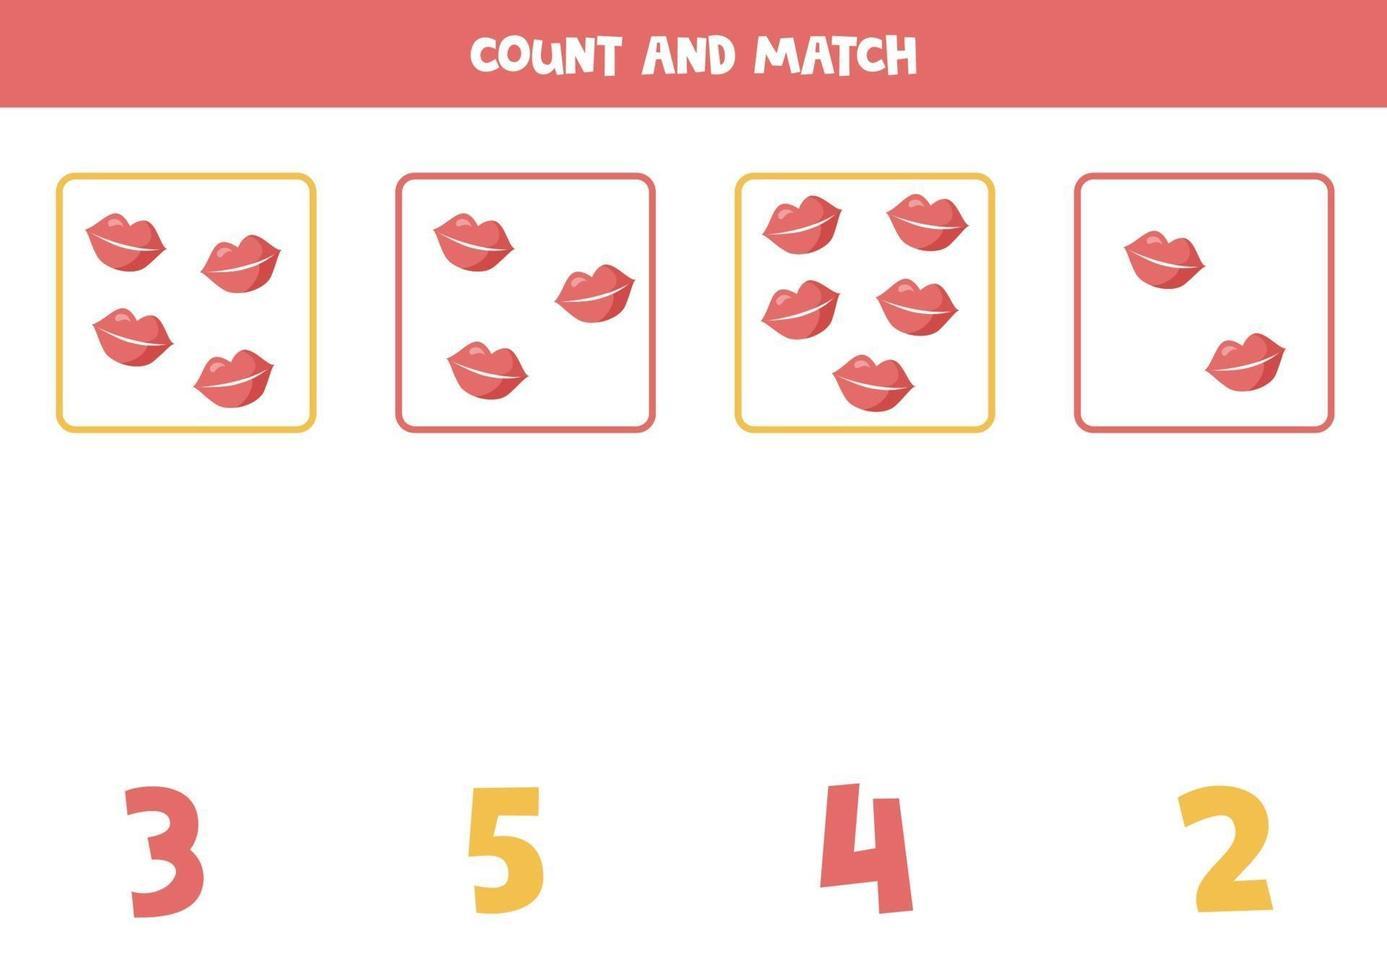 juego de contar para niños. juego de matemáticas con labios de dibujos animados. vector